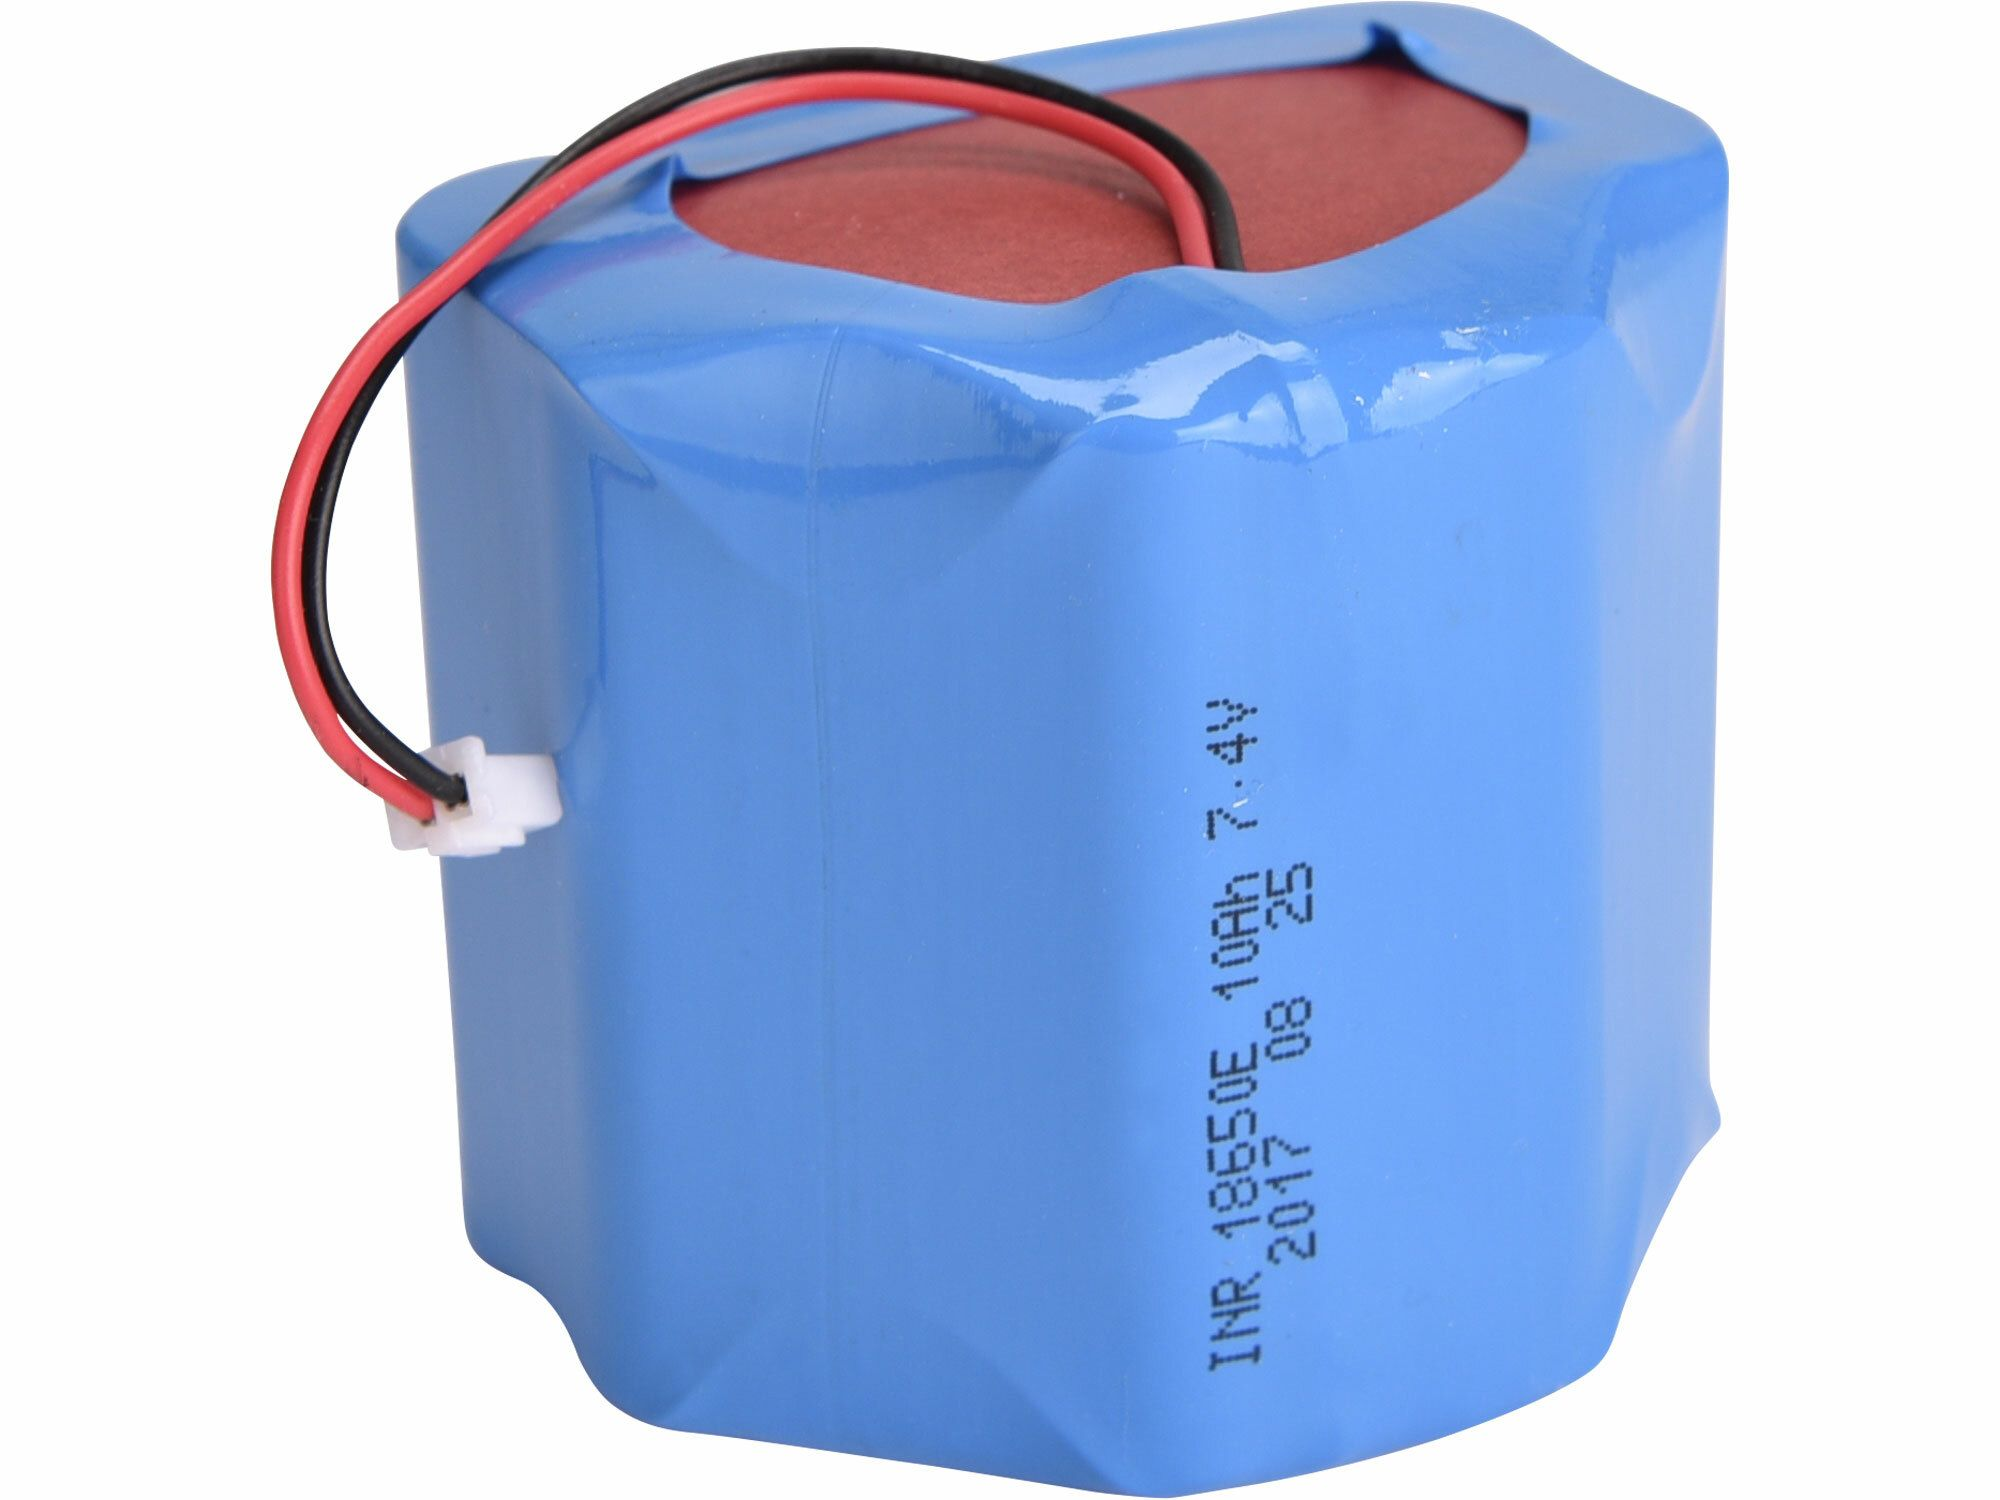 Baterie náhradní 7,4V, Li-ion, pro 43128, EXTOL LIGHT